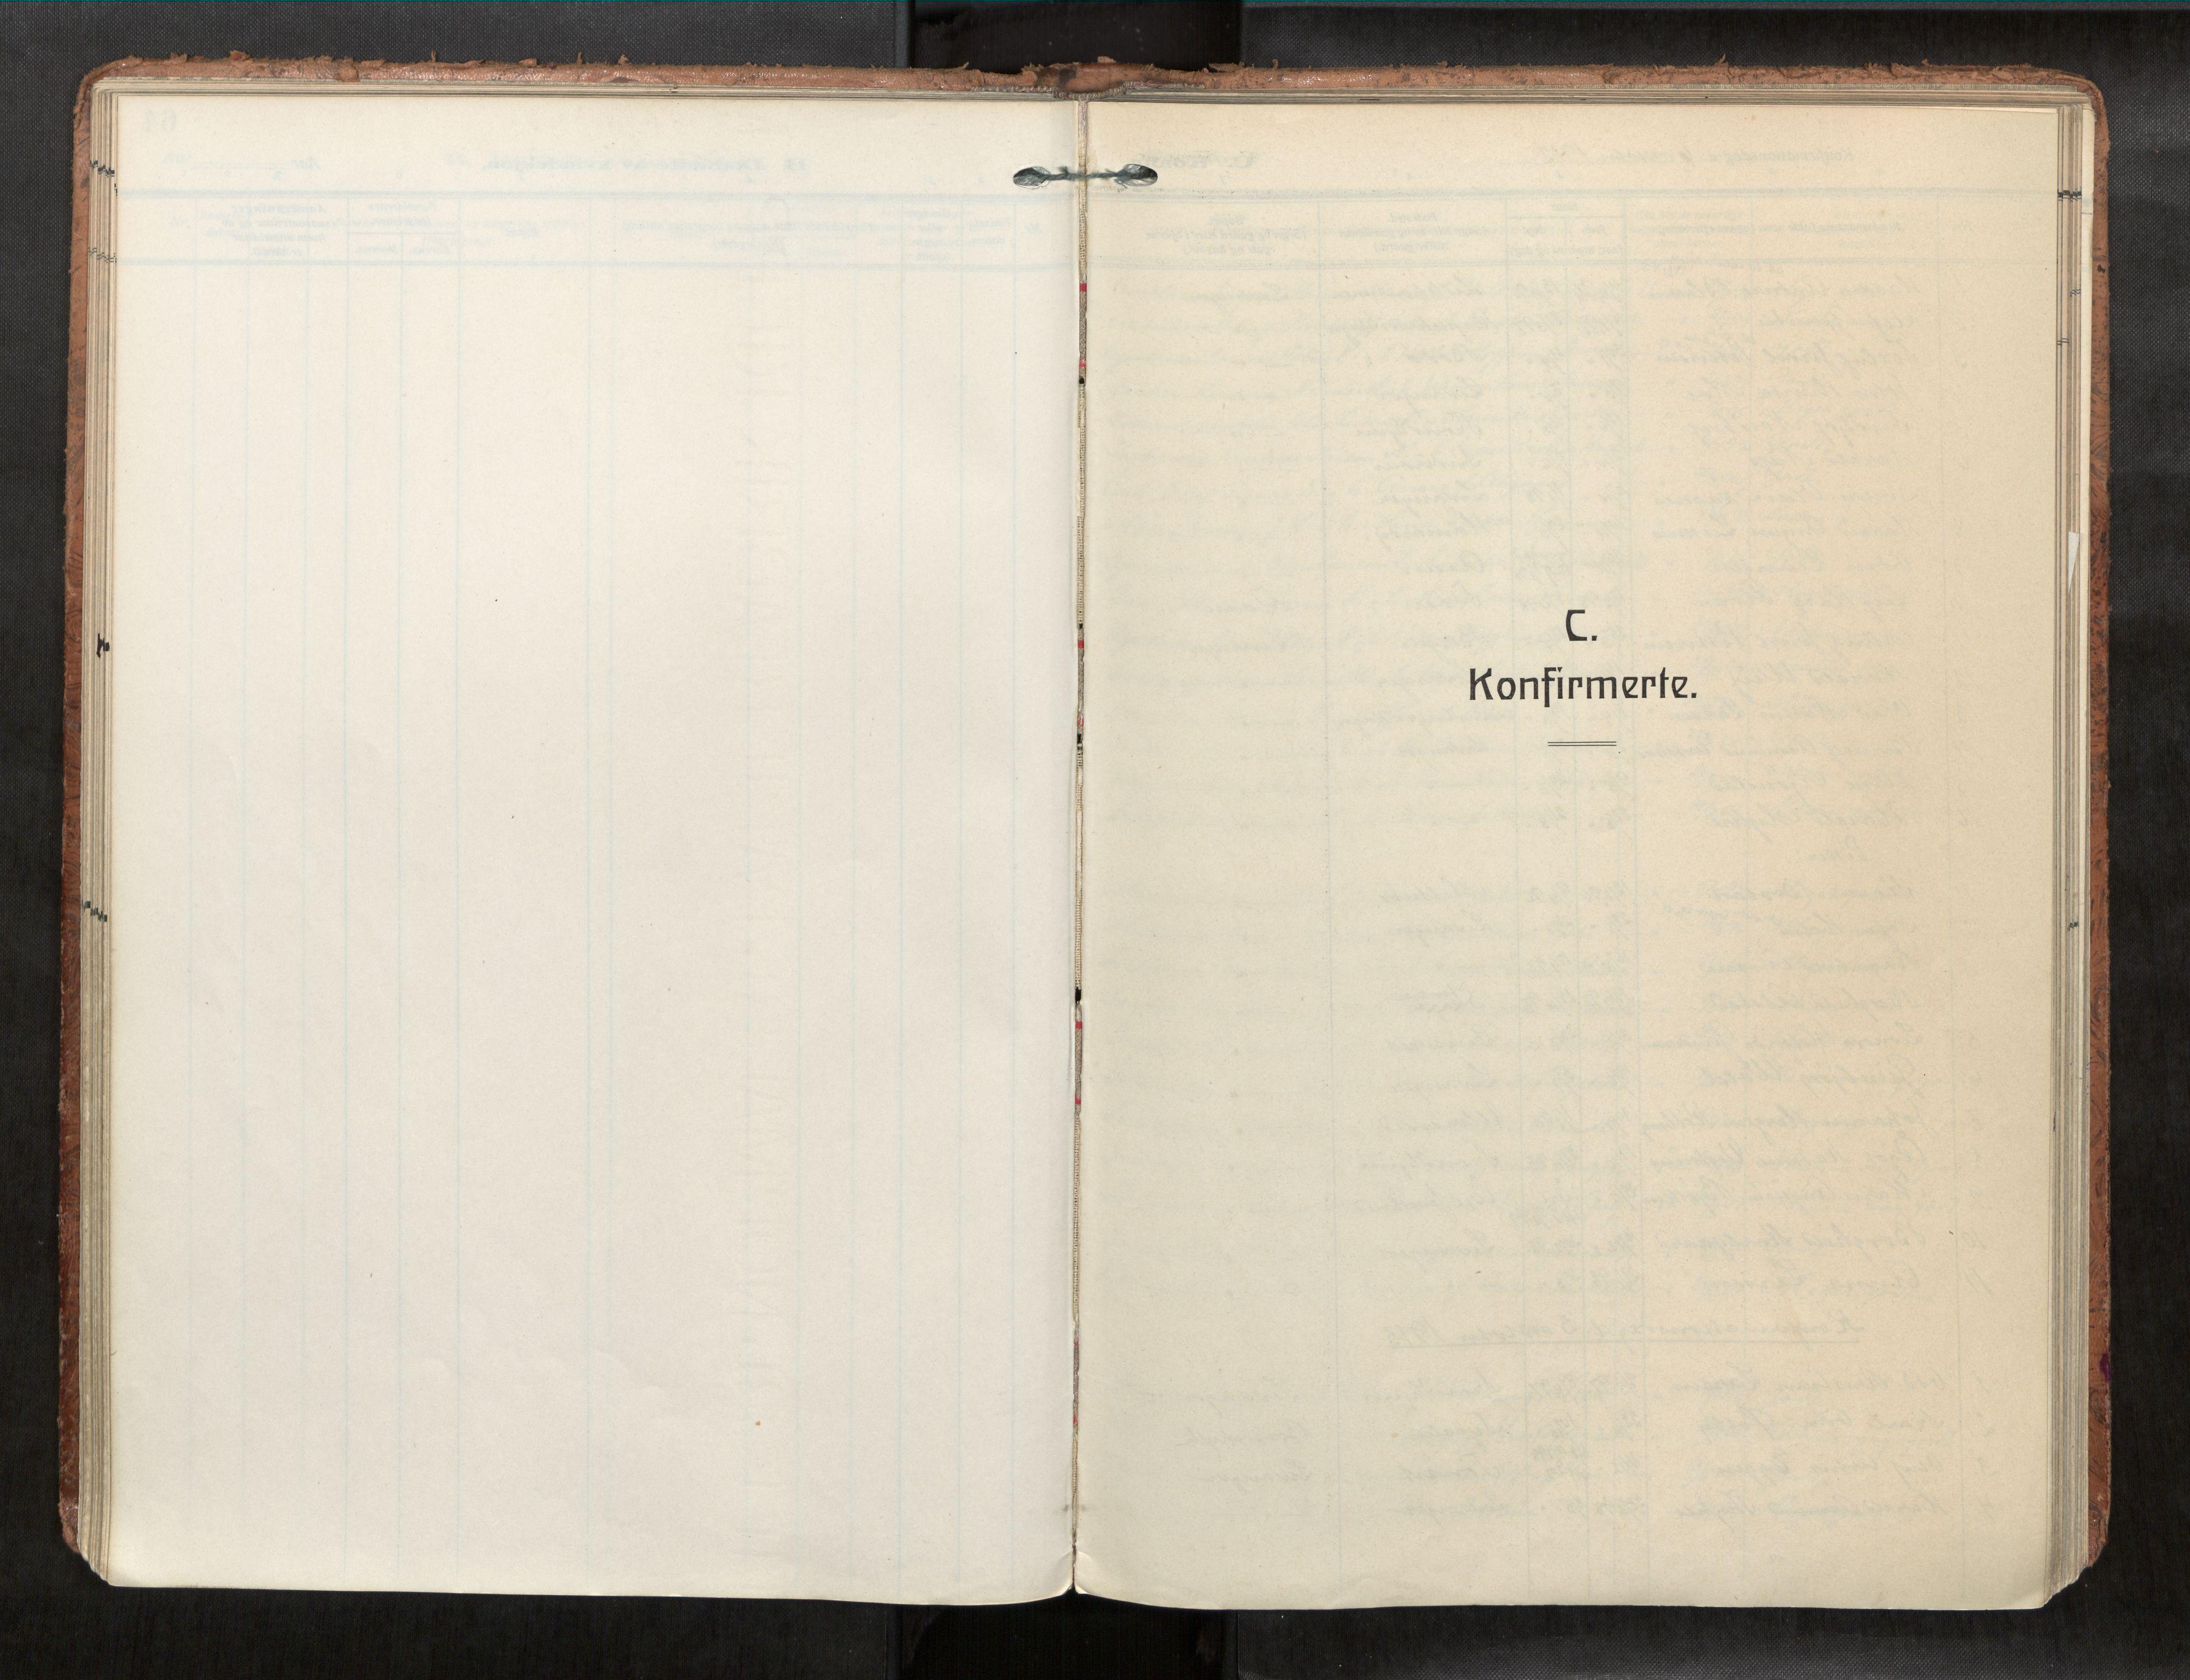 SAT, Levanger sokneprestkontor*, Ministerialbok nr. 1, 1912-1932